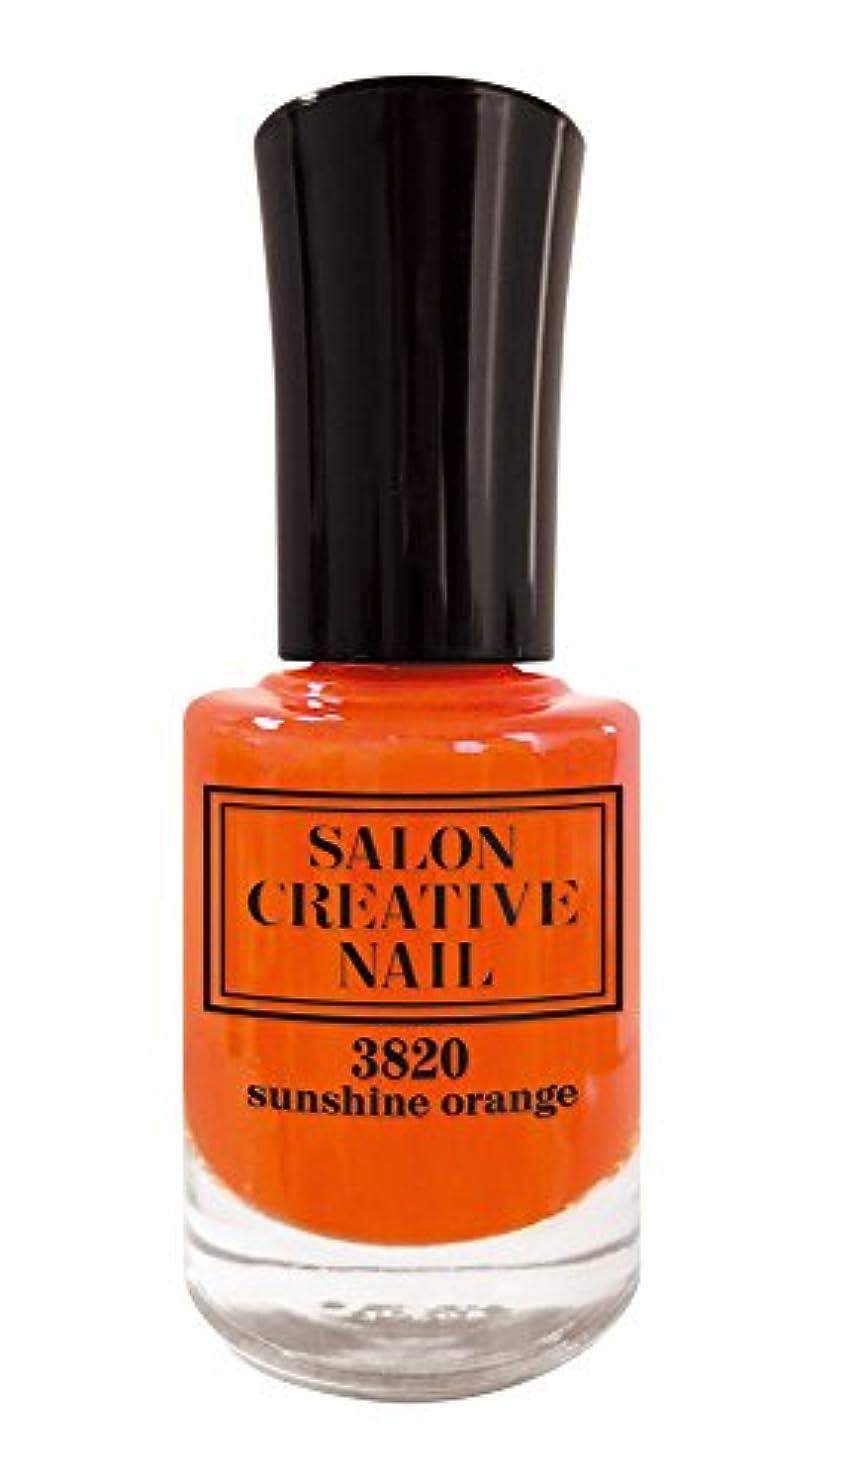 忘れっぽいマントメタリックビューティーワールド サロンクリエイティブネイル サンシャインオレンジ SCN3820